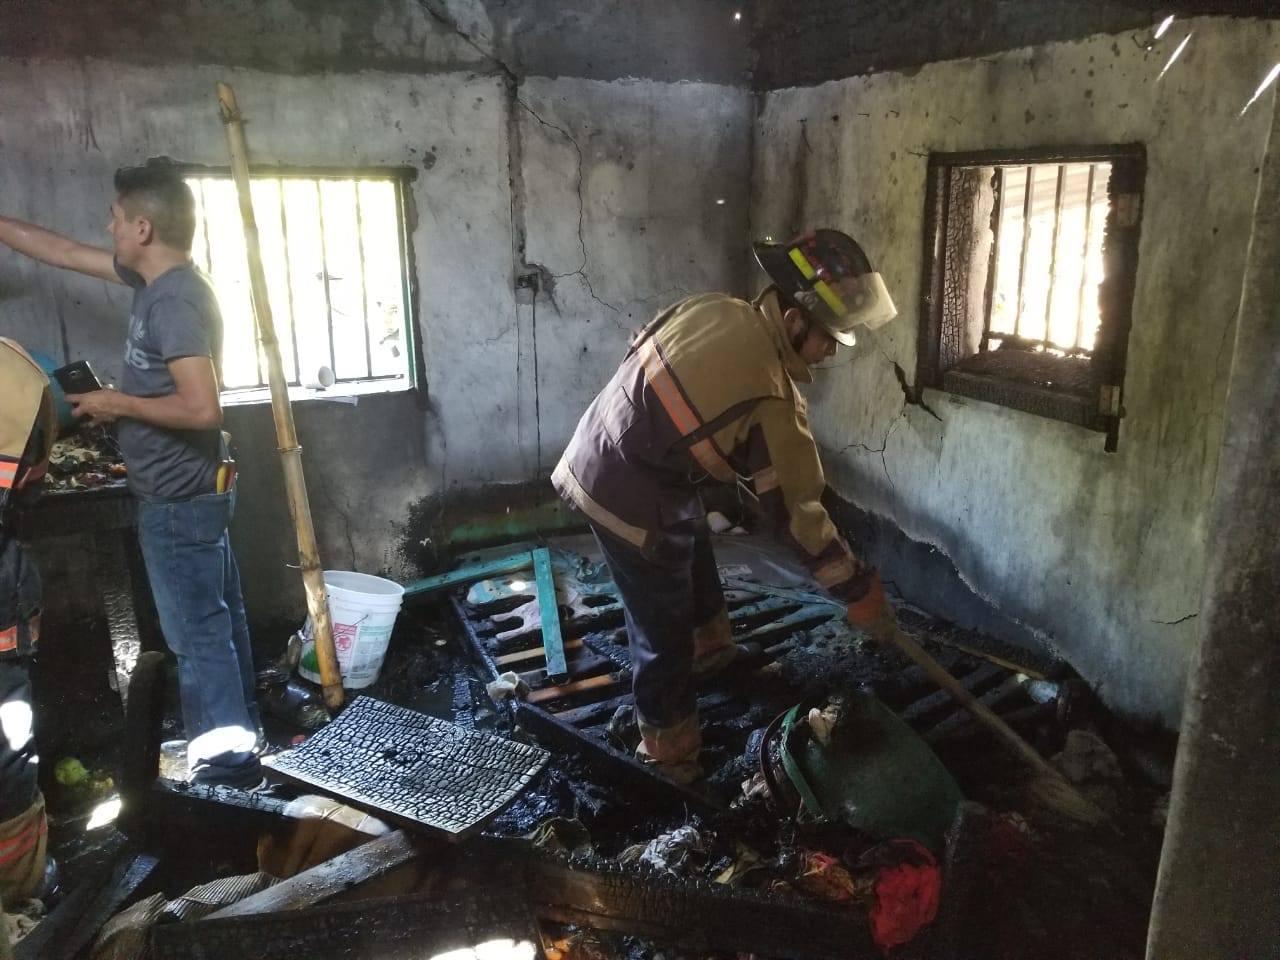 Incendio consume casa en aldea de Potrerillos en Siguatepeque